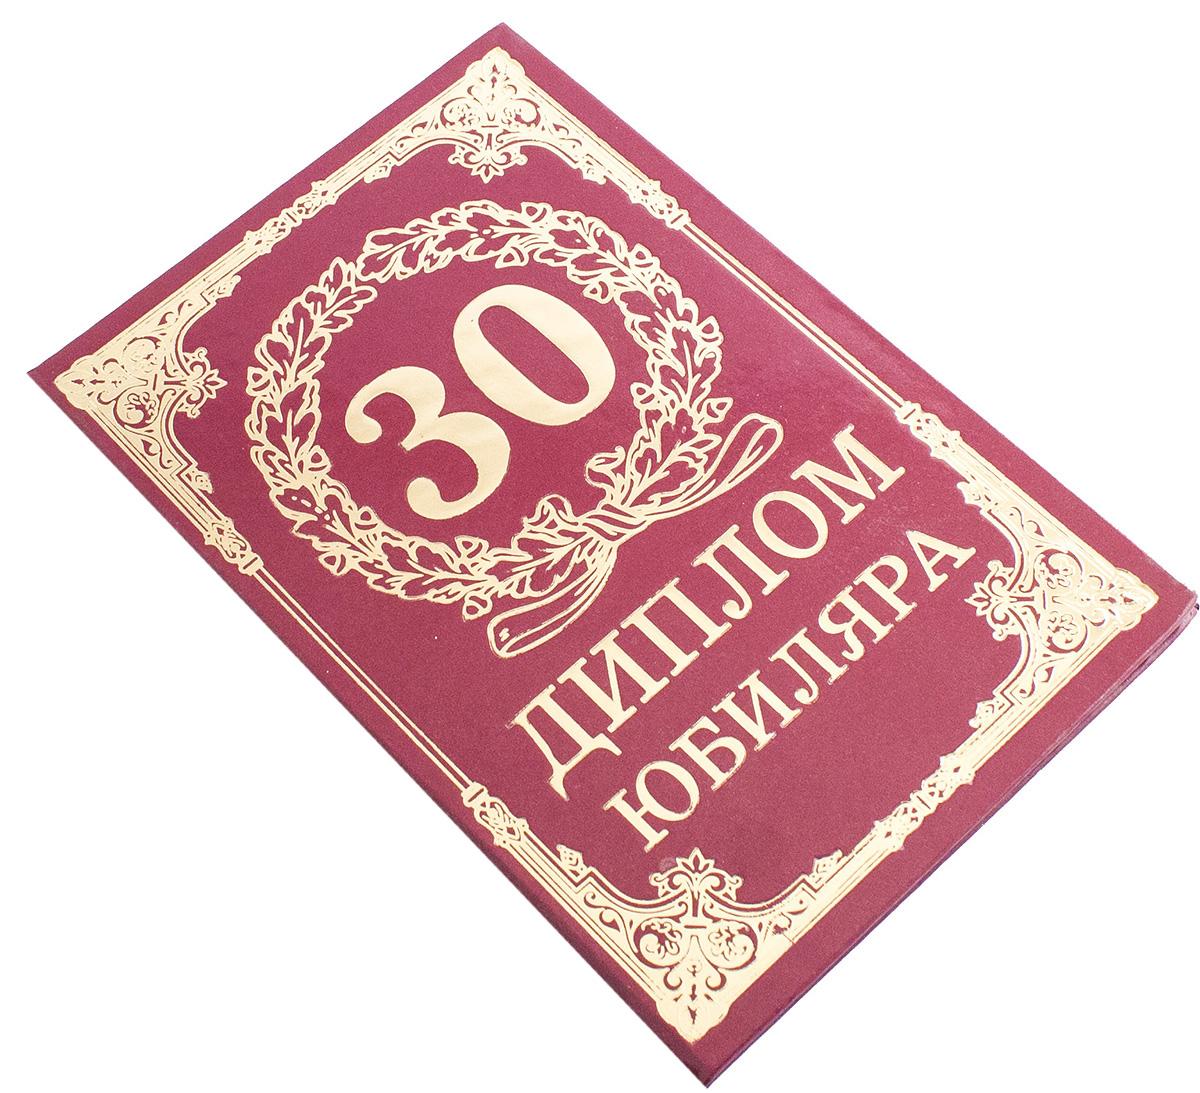 Диплом сувенирный Эврика 30 лет, A6, цвет: красный. 9374593745Красочно декорированный наградной диплом с шутливым поздравлением станет прекрасным дополнением к подарку, подскажет идею застольной речи или тоста, поможет выразить тёплые чувства к адресату. Диплом выполнен из картона, полиграфически оформлен и украшен золотым тиснением. Диплом поставляется с дополнительной индивидуальной упаковки.